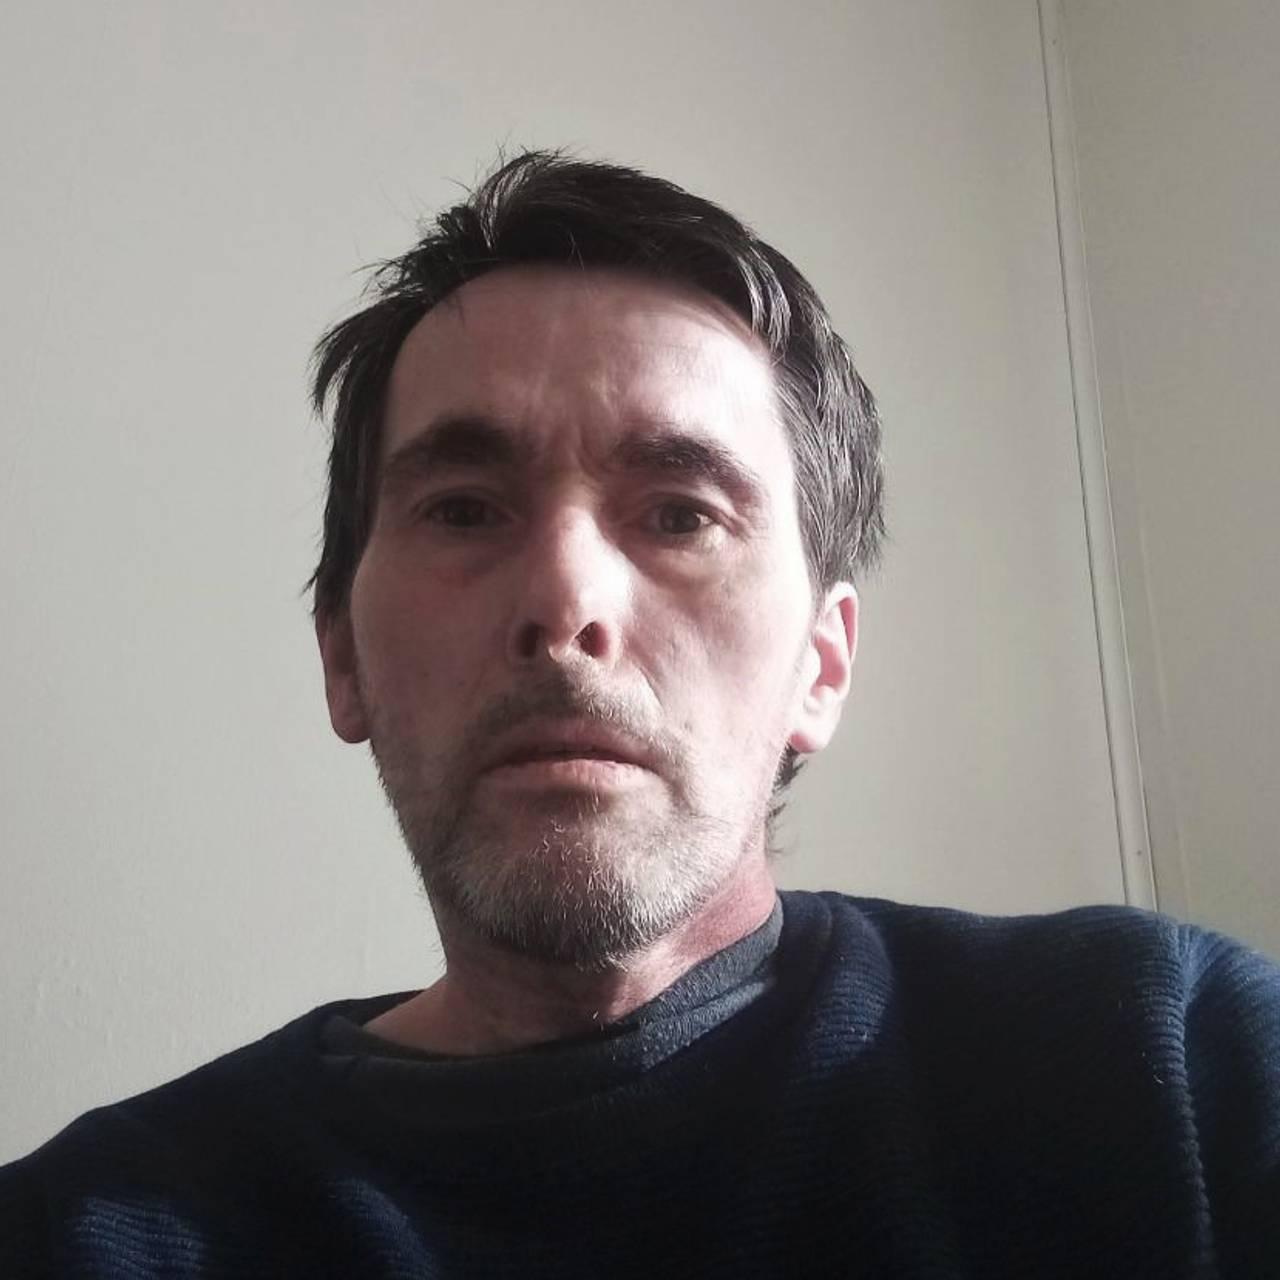 Bilde av Bjørn Ove (51) LAR-pasient i 20 år